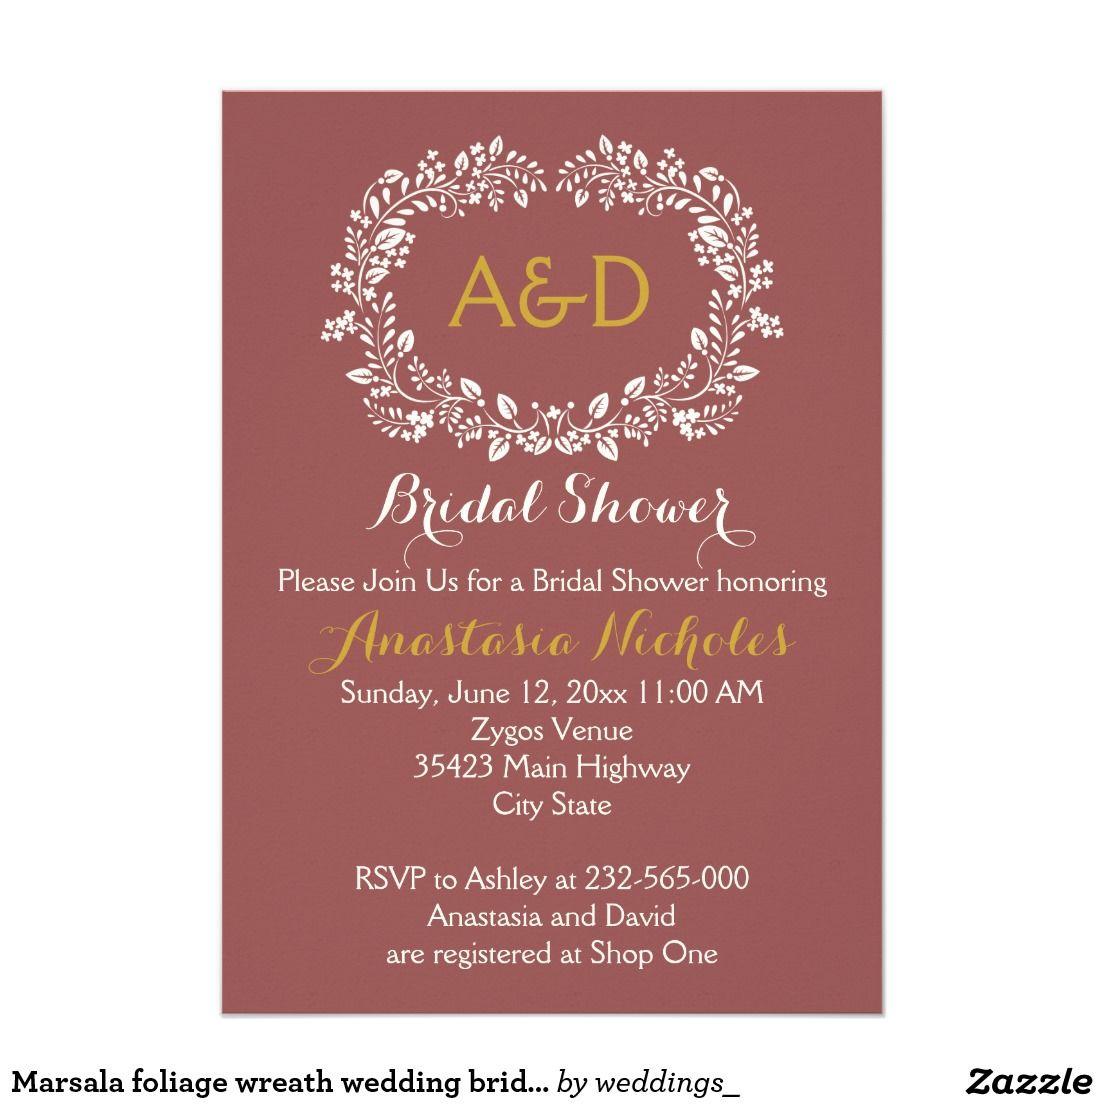 Marsala foliage wreath wedding bridal shower | WEDDING: BRIDAL ...